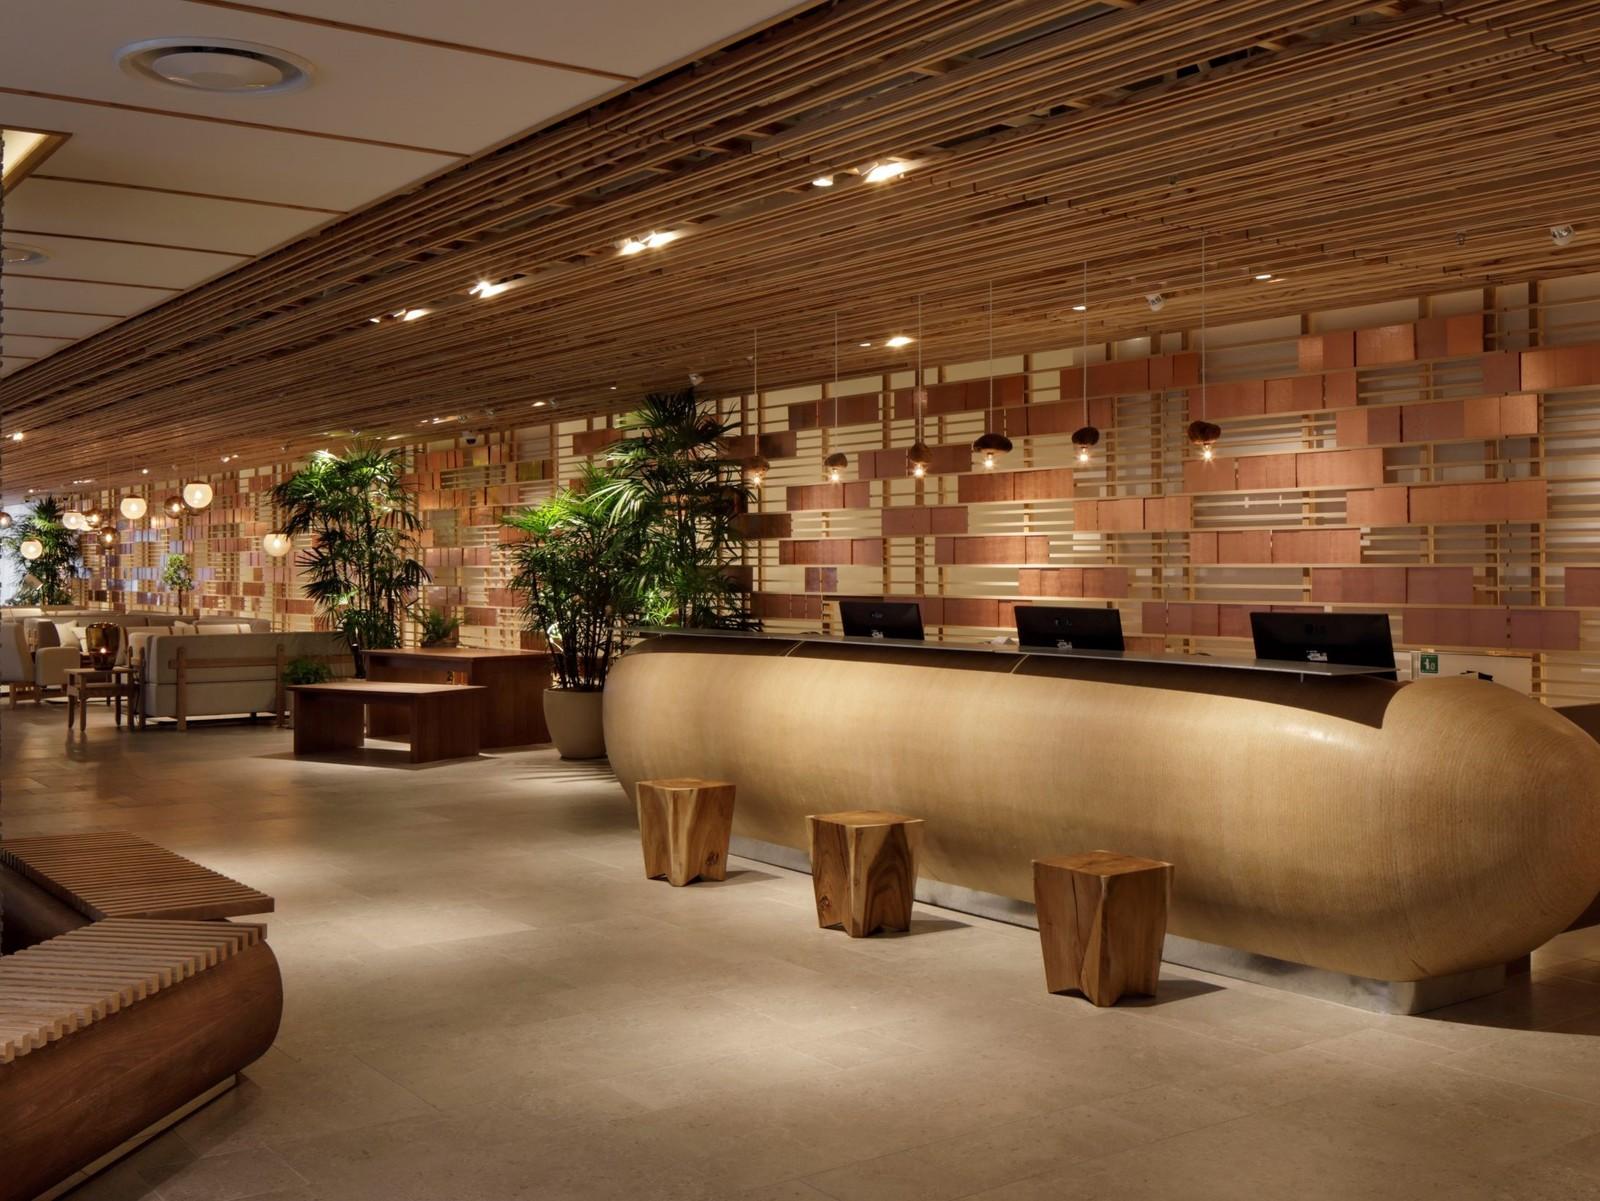 GOOD NATURE HOTEL KYOTO / 【航空券とホテルを一気に予約♪】京都・河原町駅すぐの好立地!観光・お買い物にぴったり!好立地<朝食付>